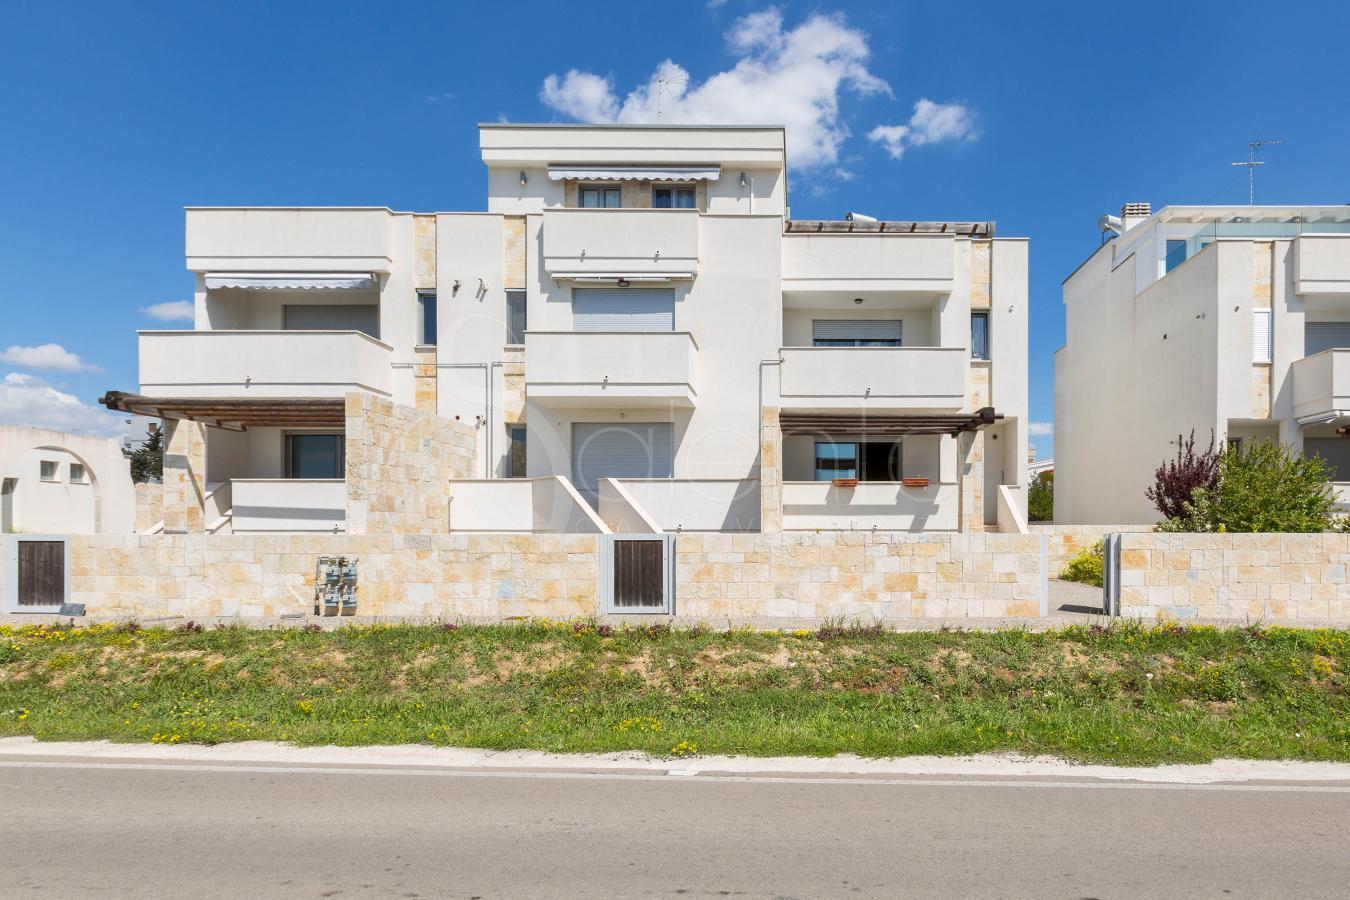 ville e villette - Porto Cesareo - Appartamento del Tramonto